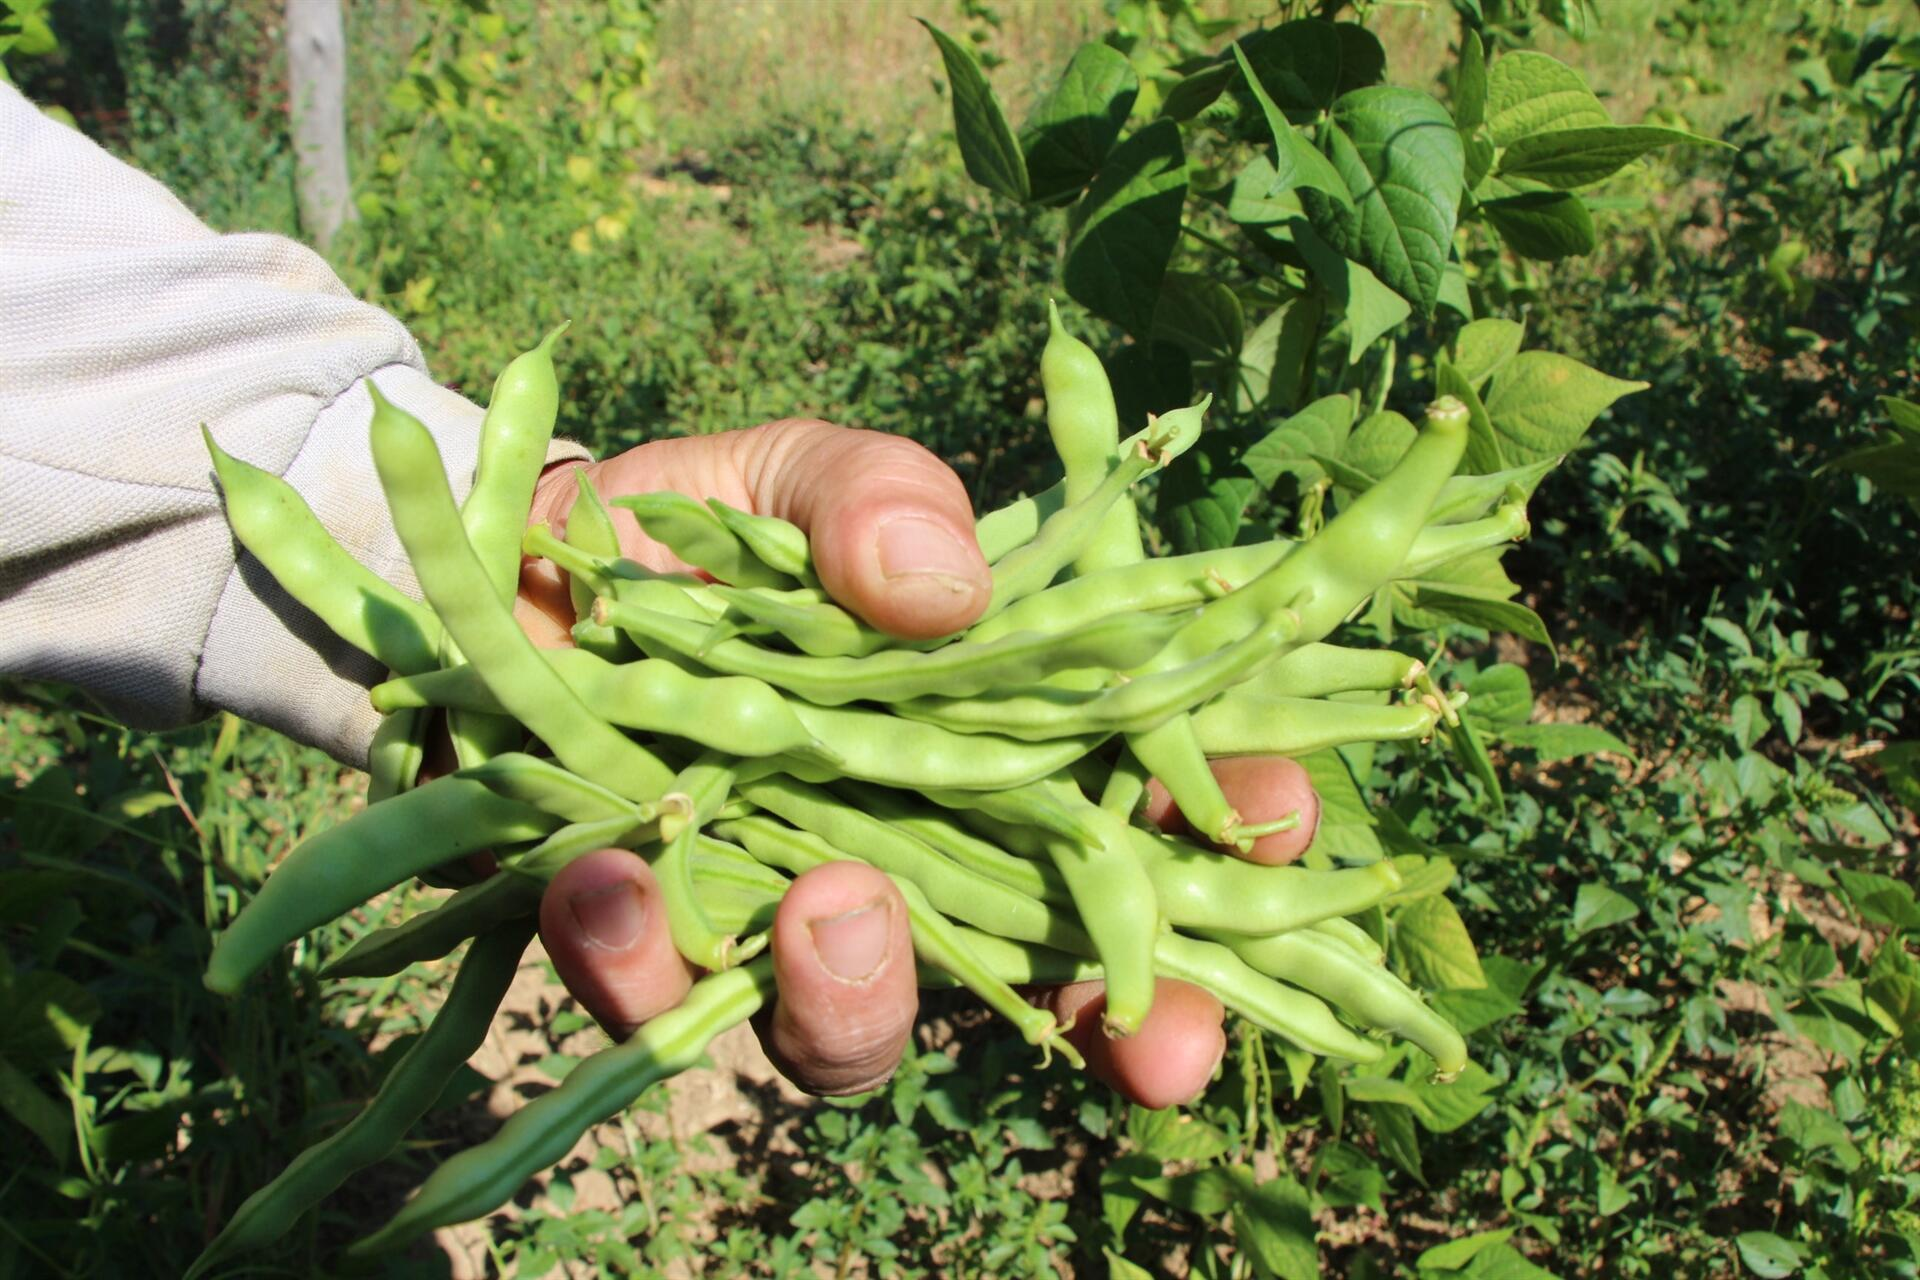 Bilecik'in tescilli ürünü boncuk fasulye de hasat başladı